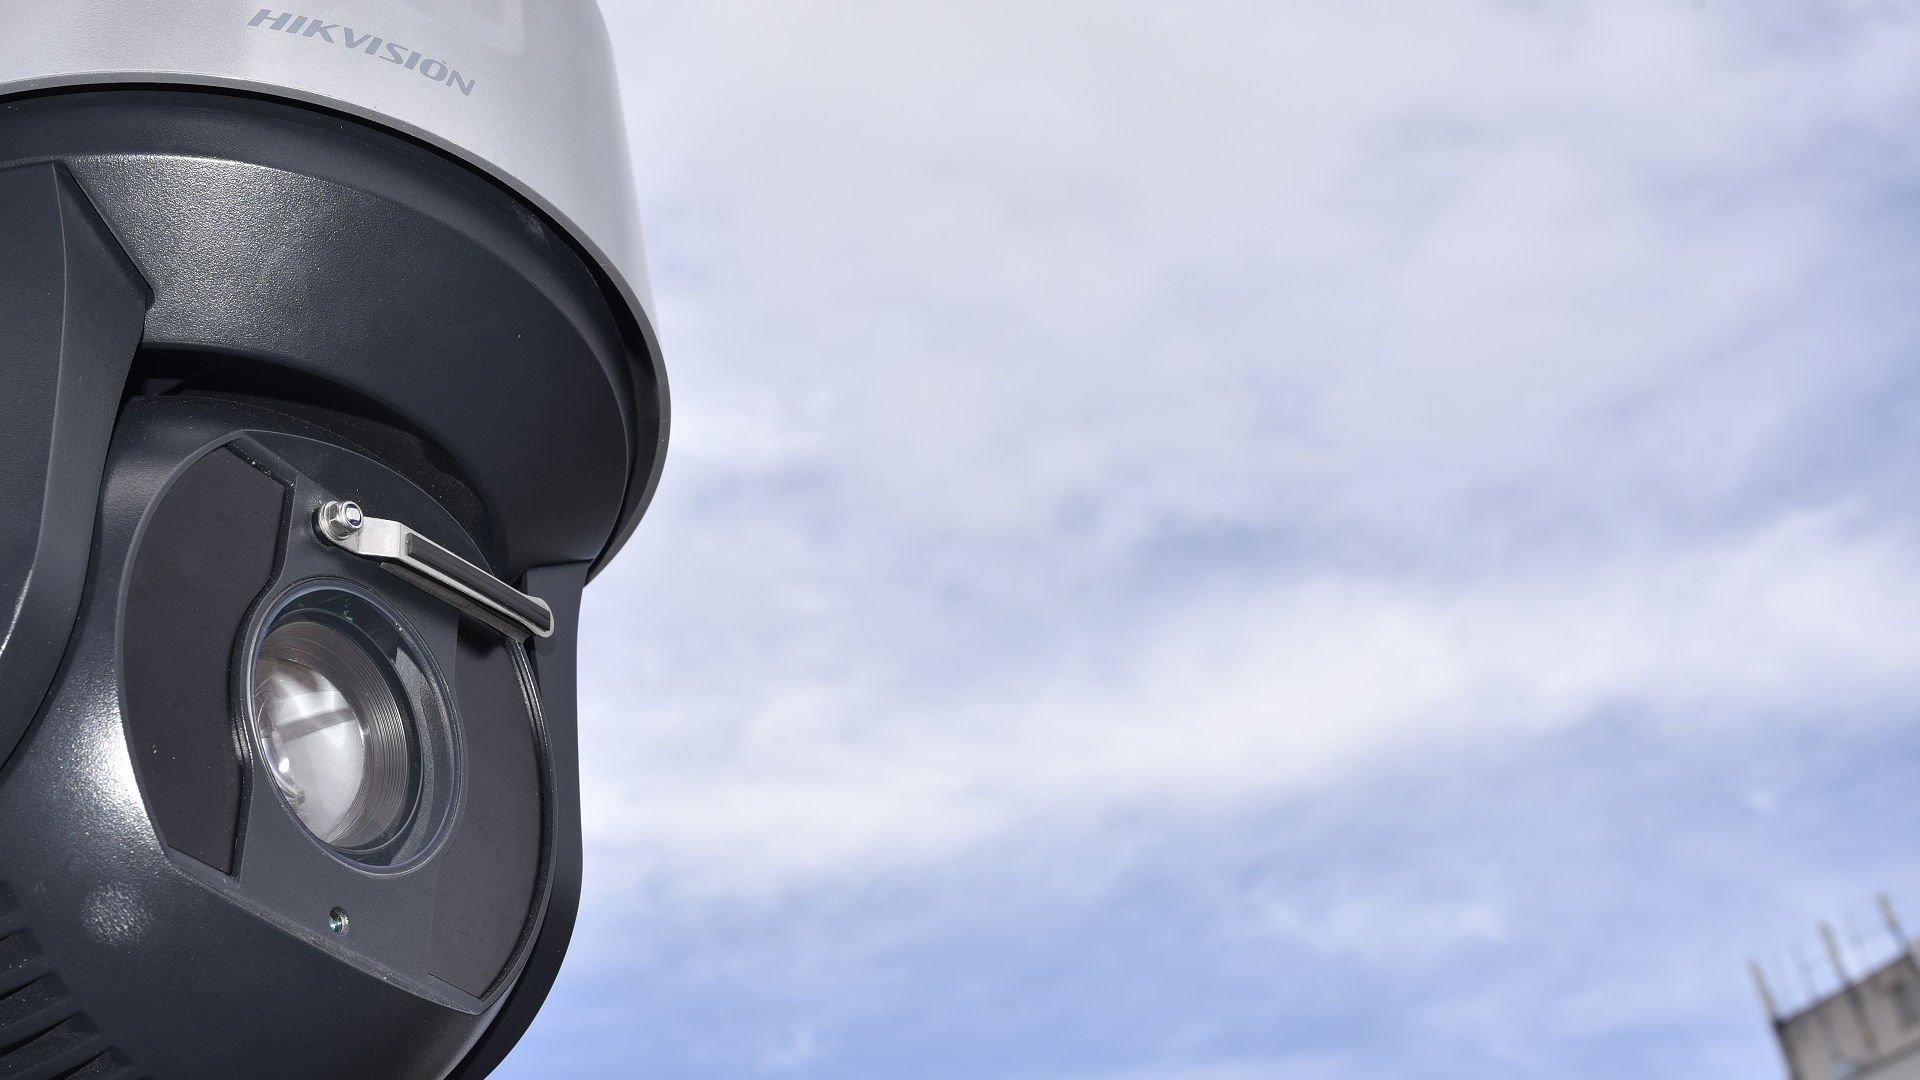 Как взломать камеру видеонаблюдения?